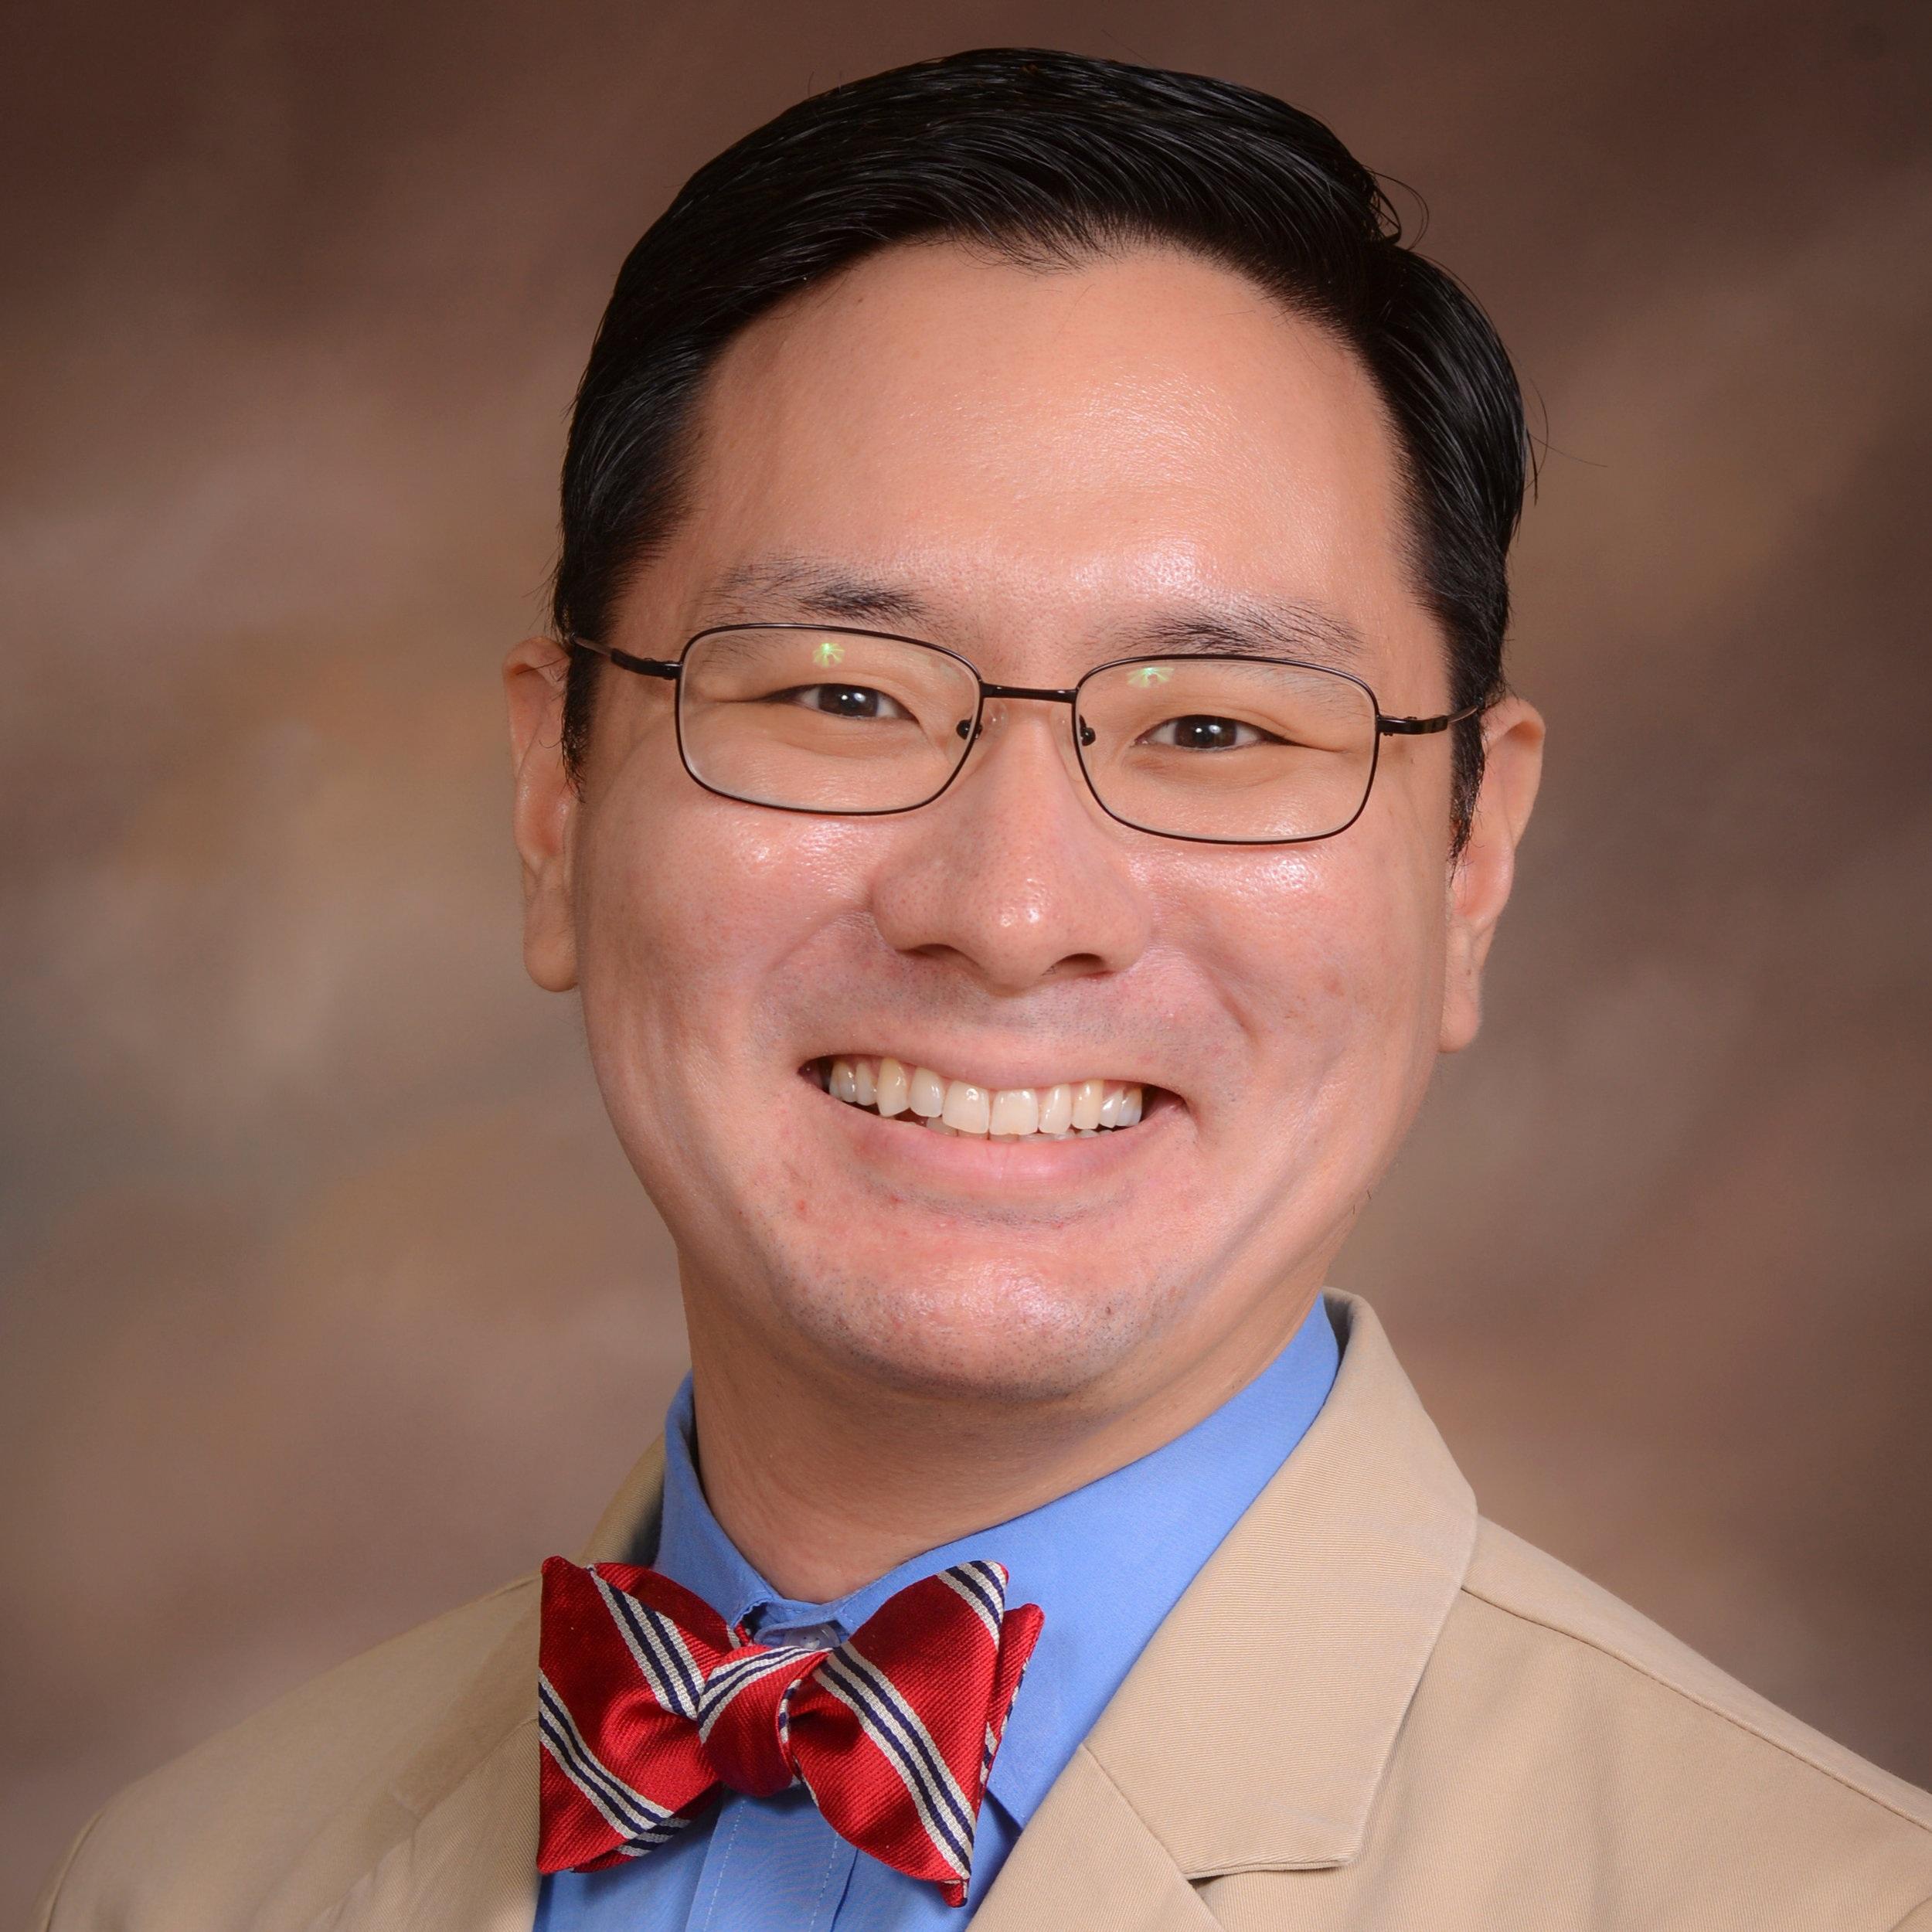 김원석 교수 (Dr. Samuel Kim)  조교수 — Texas Woman's University